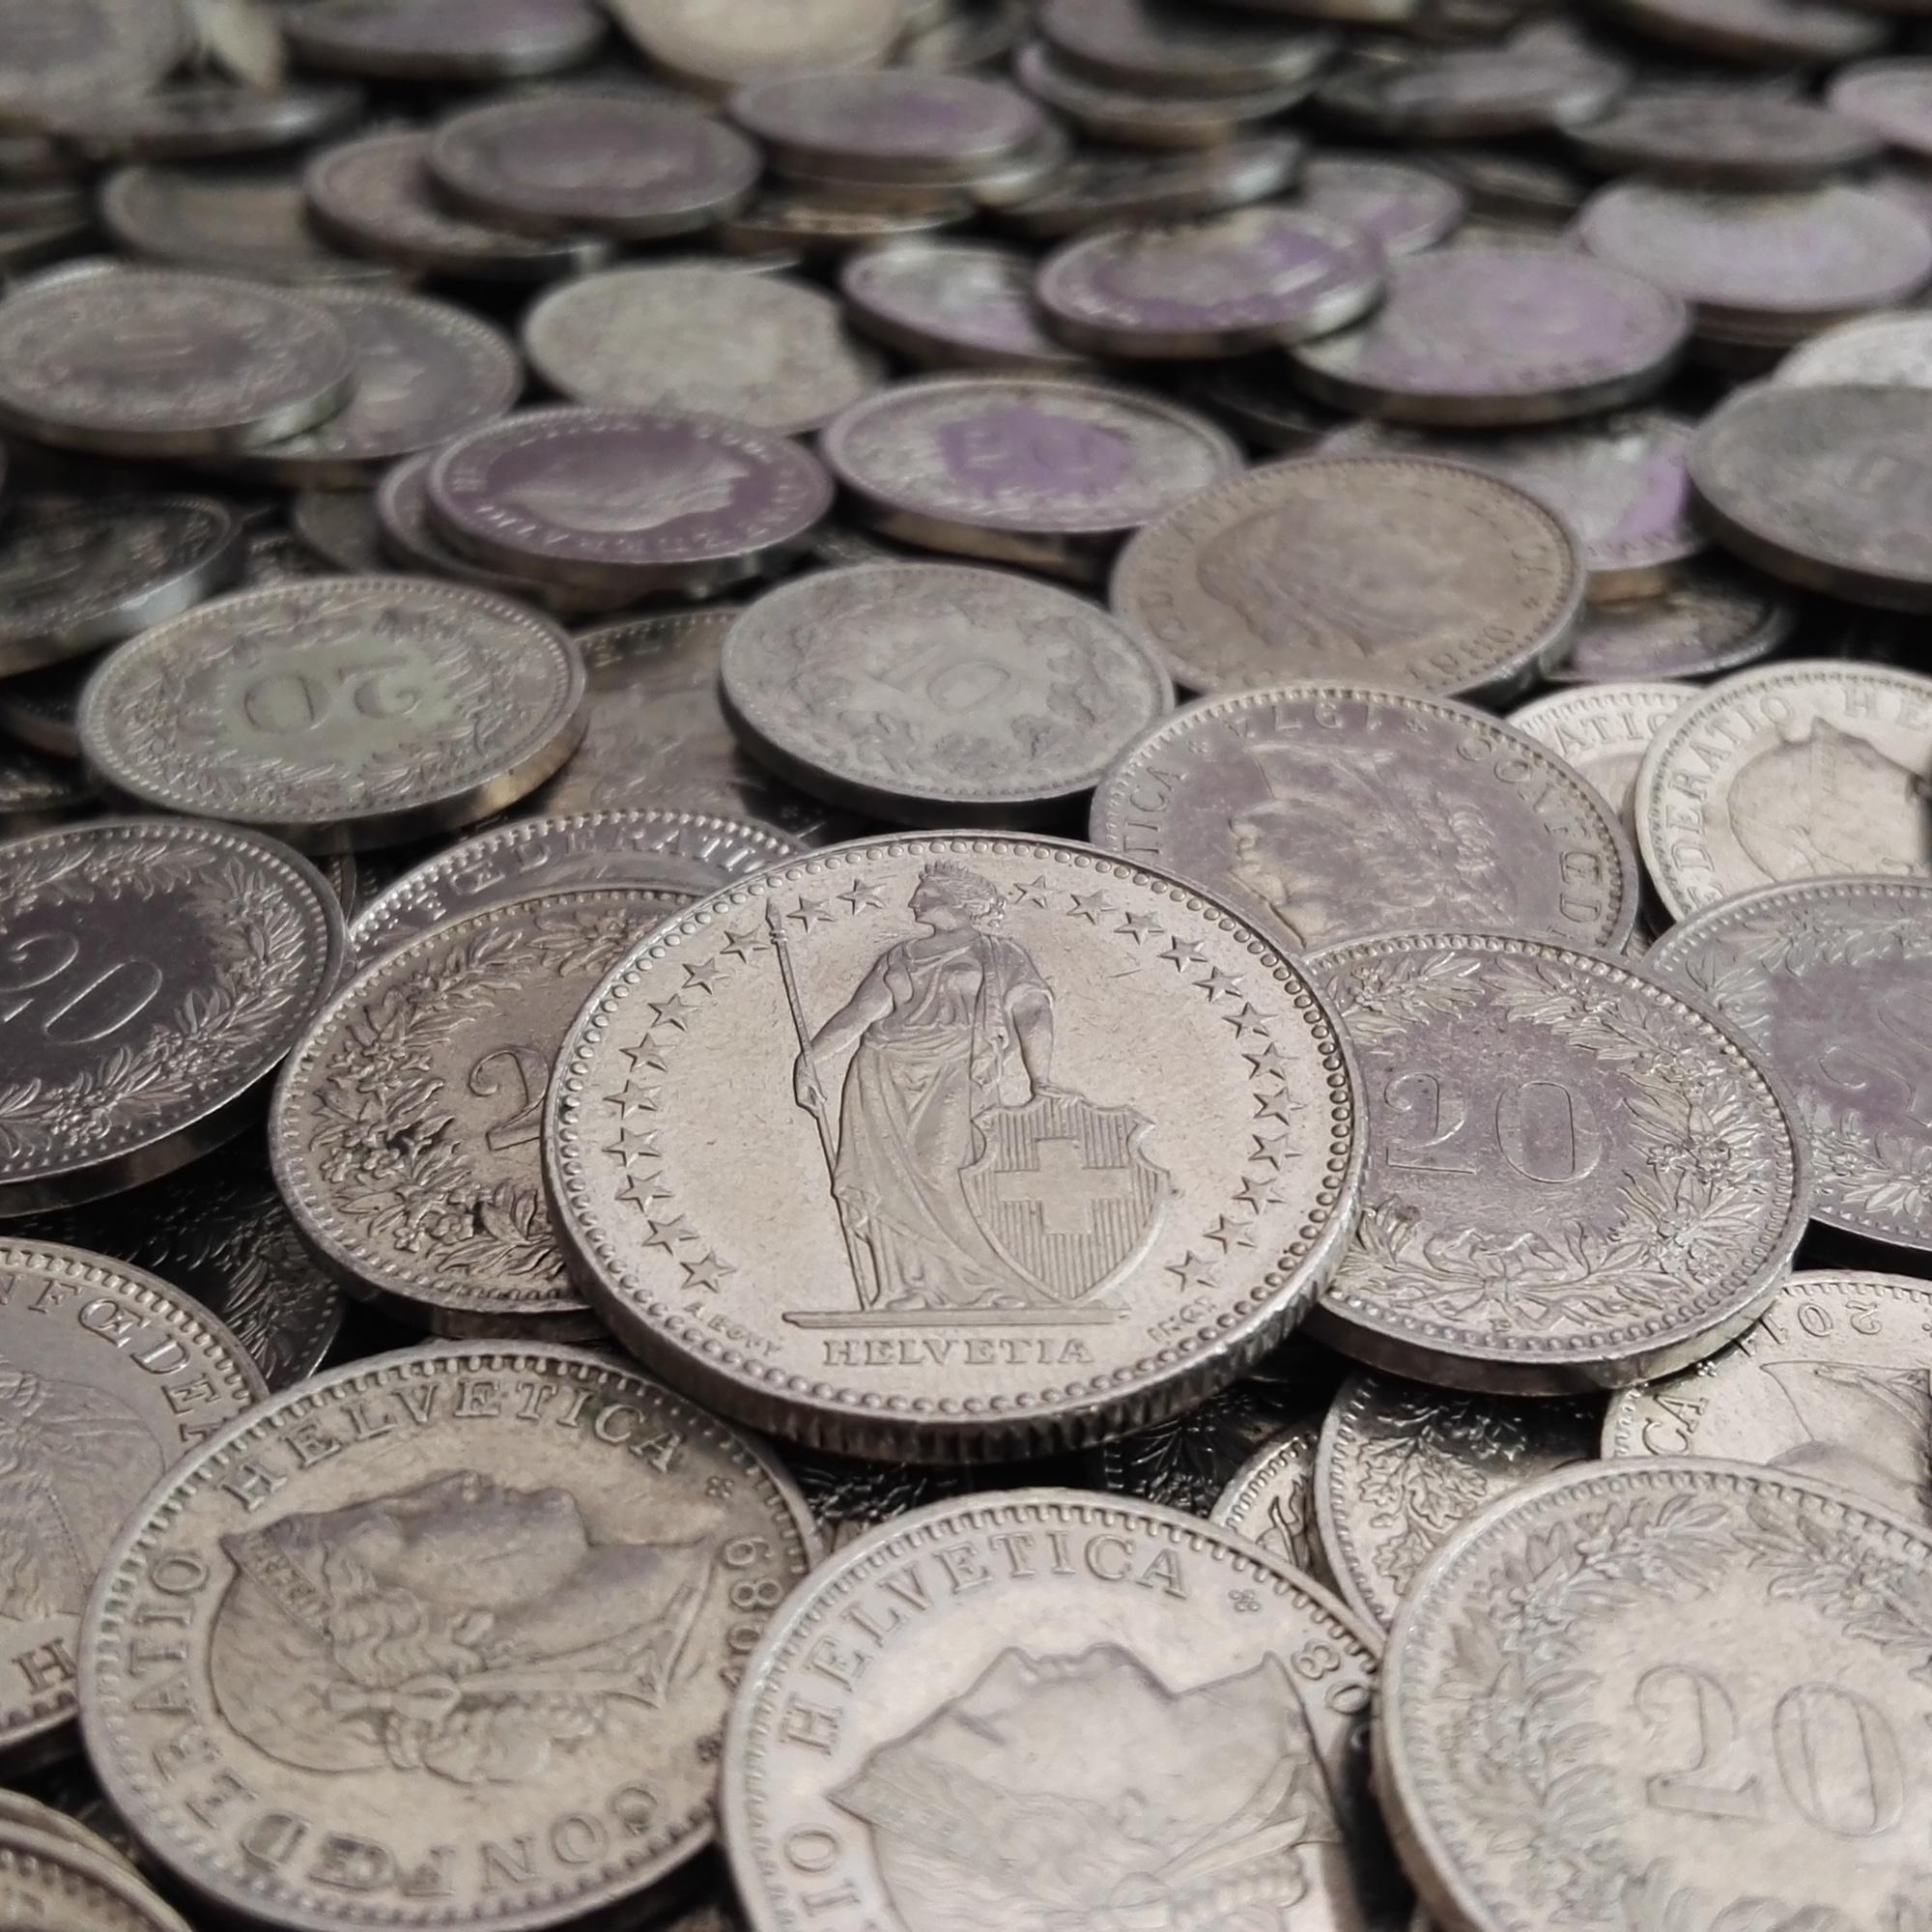 Foto: Schweizer Franken-Münzen